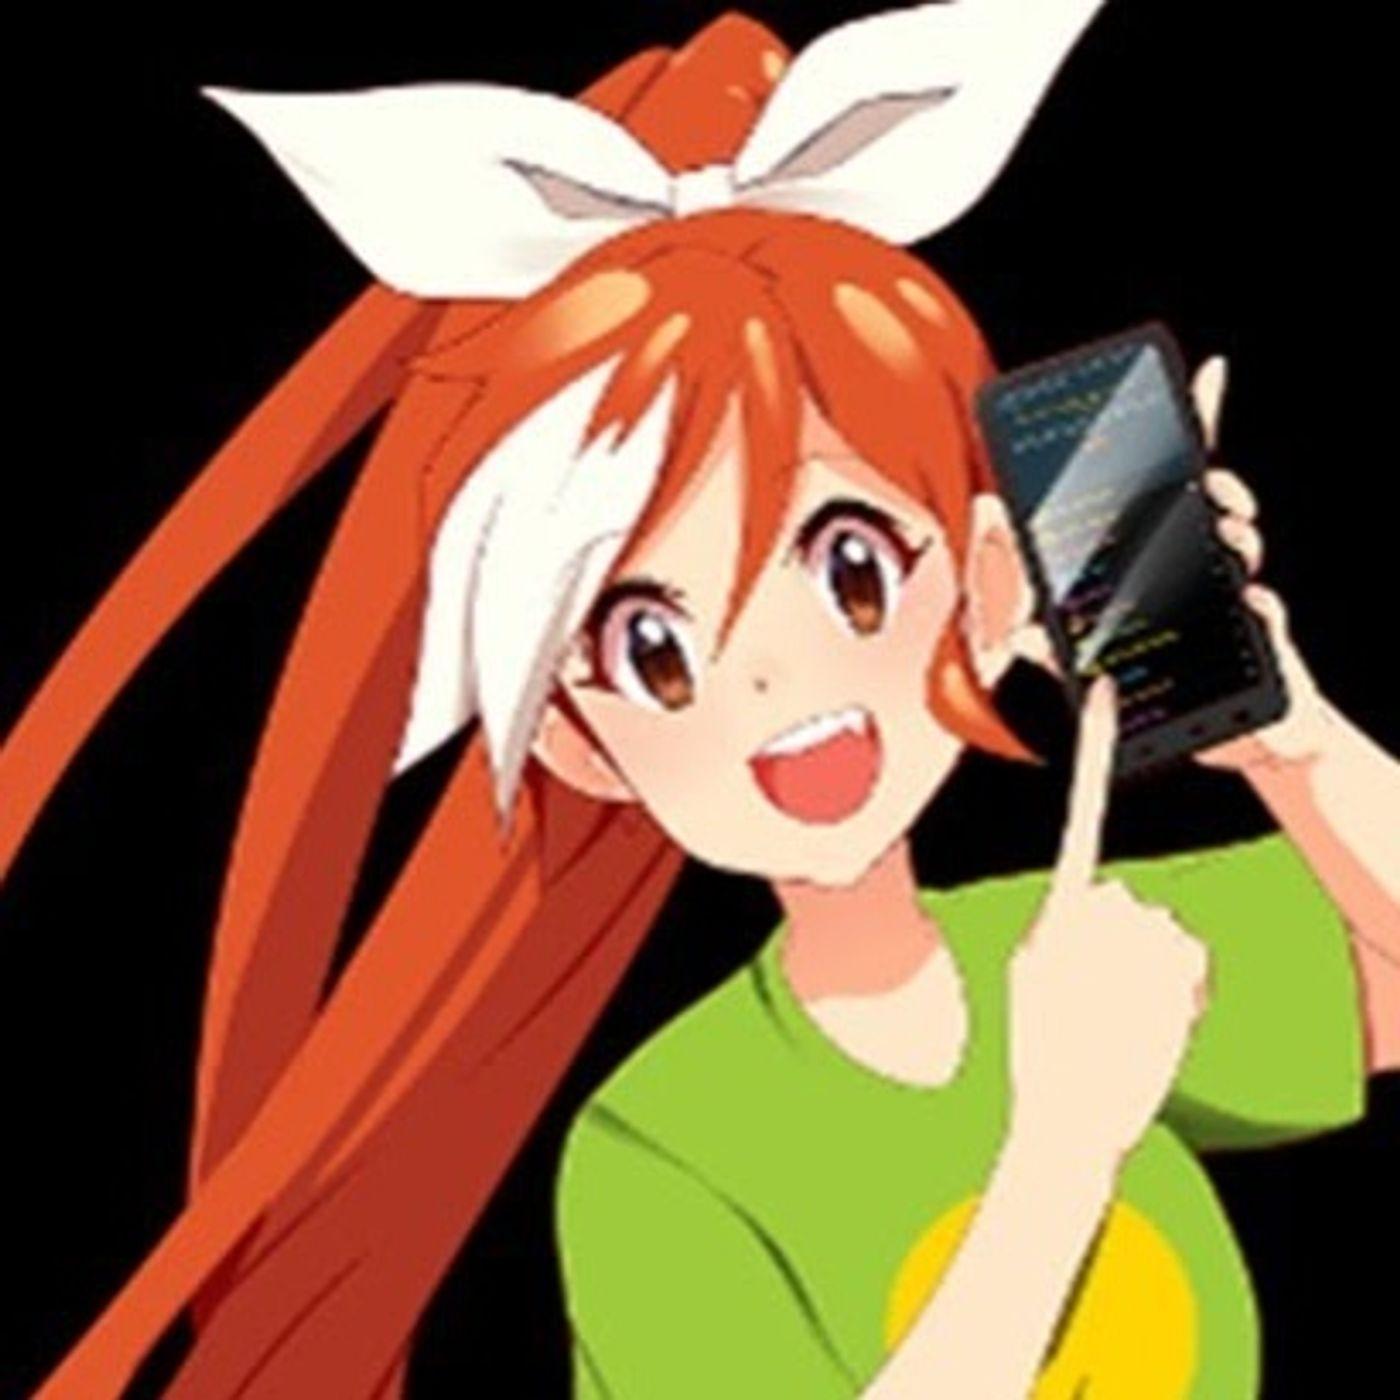 Roasting the Crunchyroll Anime Awards?? (Rant Cafe 2.09)